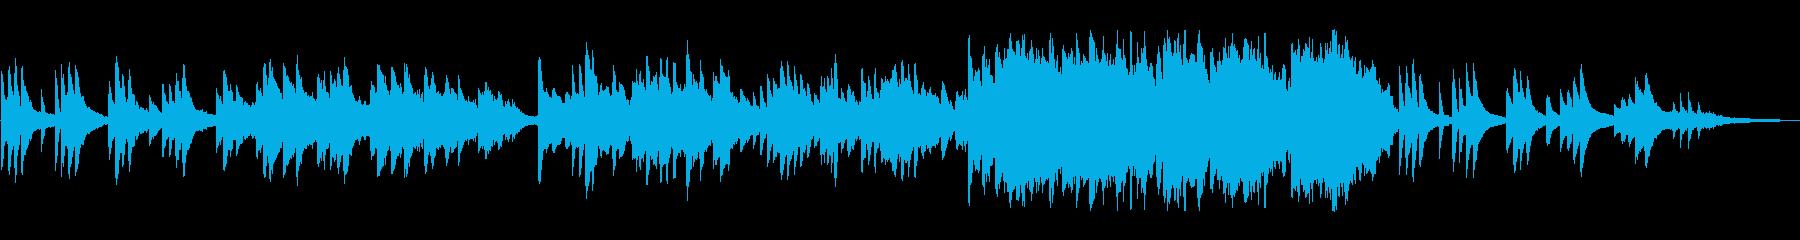 ノスタルジックなピアノバラードの再生済みの波形